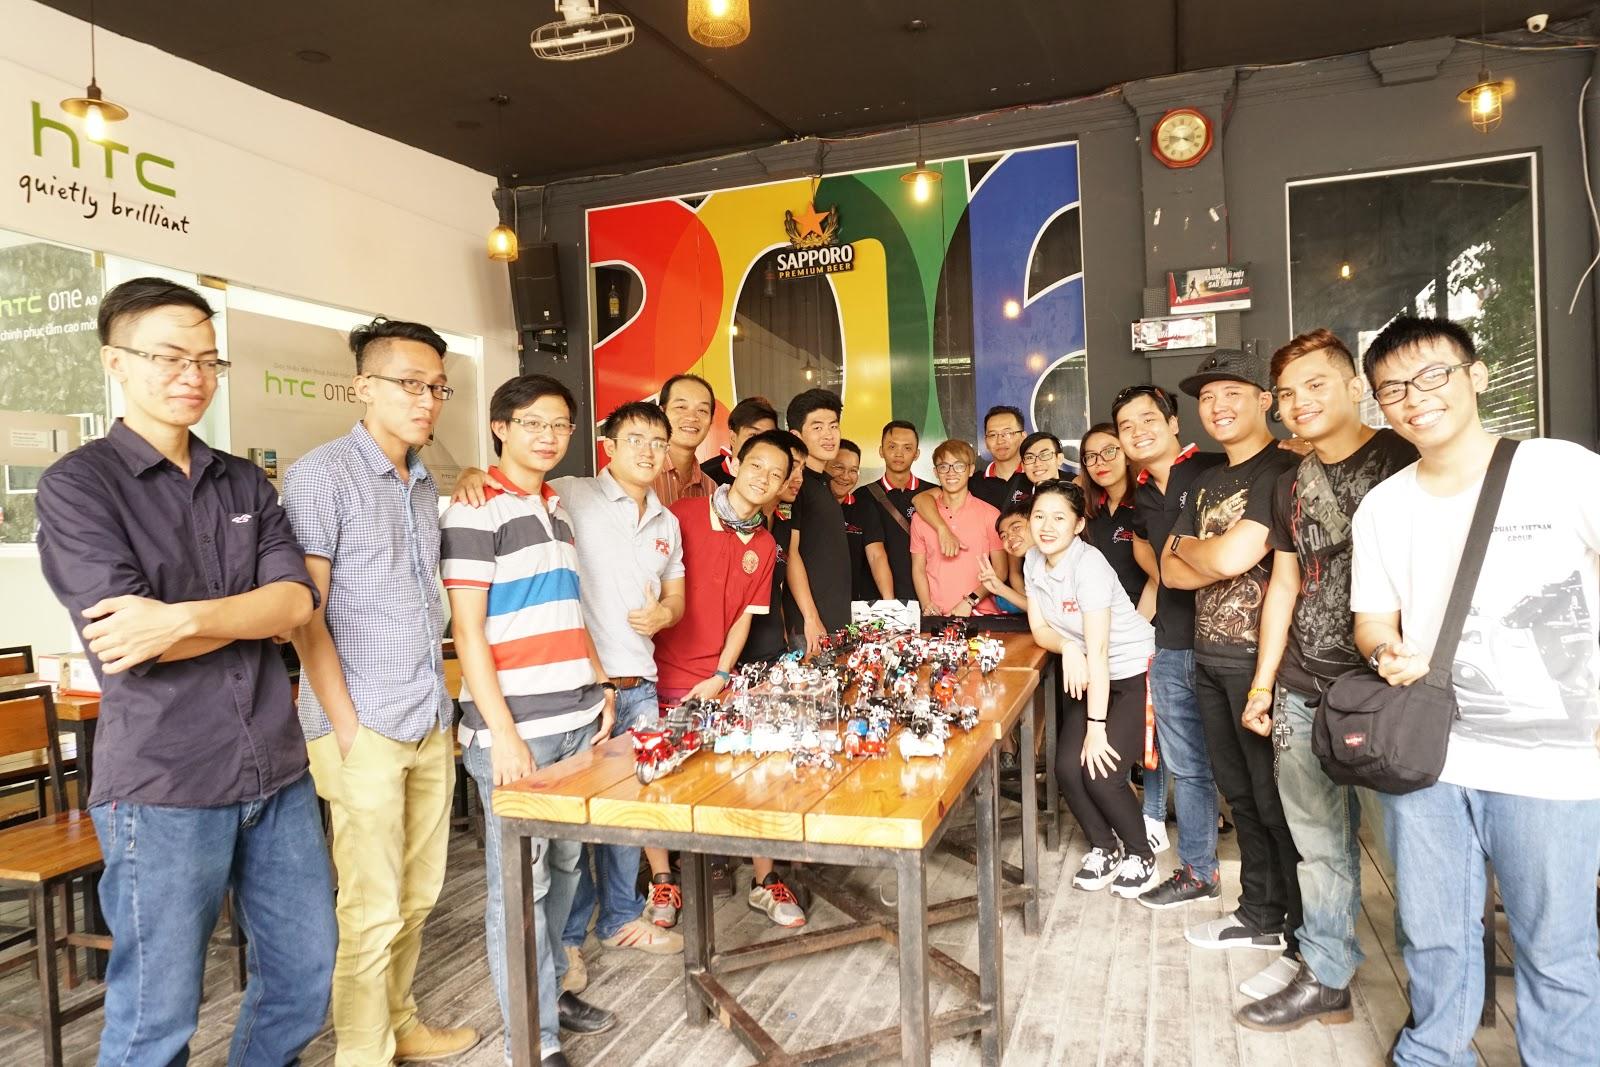 Thành viên CLB Mô hình tĩnh Việt Nam chụp ảnh kỷ niệm - Ngày 12/6/2016 tại UHouse Cafe